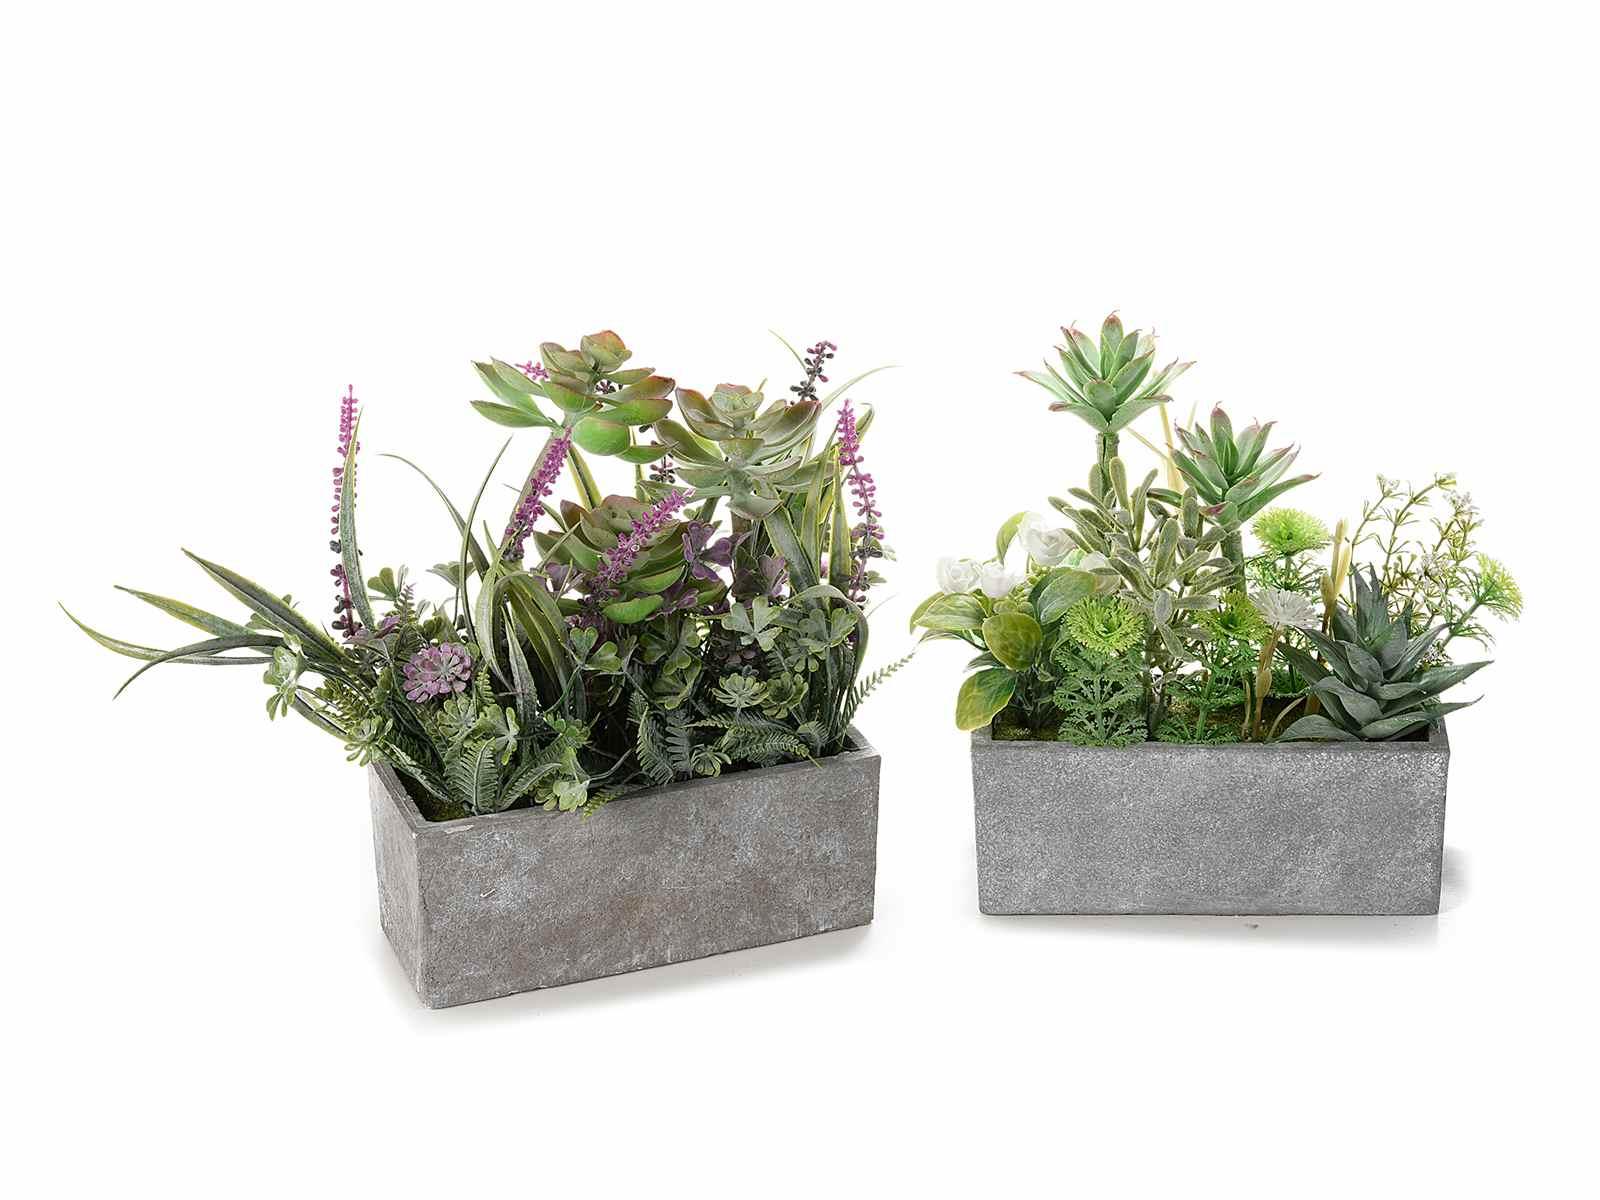 Piante Grasse Piccole Prezzi composizione piante grasse artificiali c/vaso effetto pietra